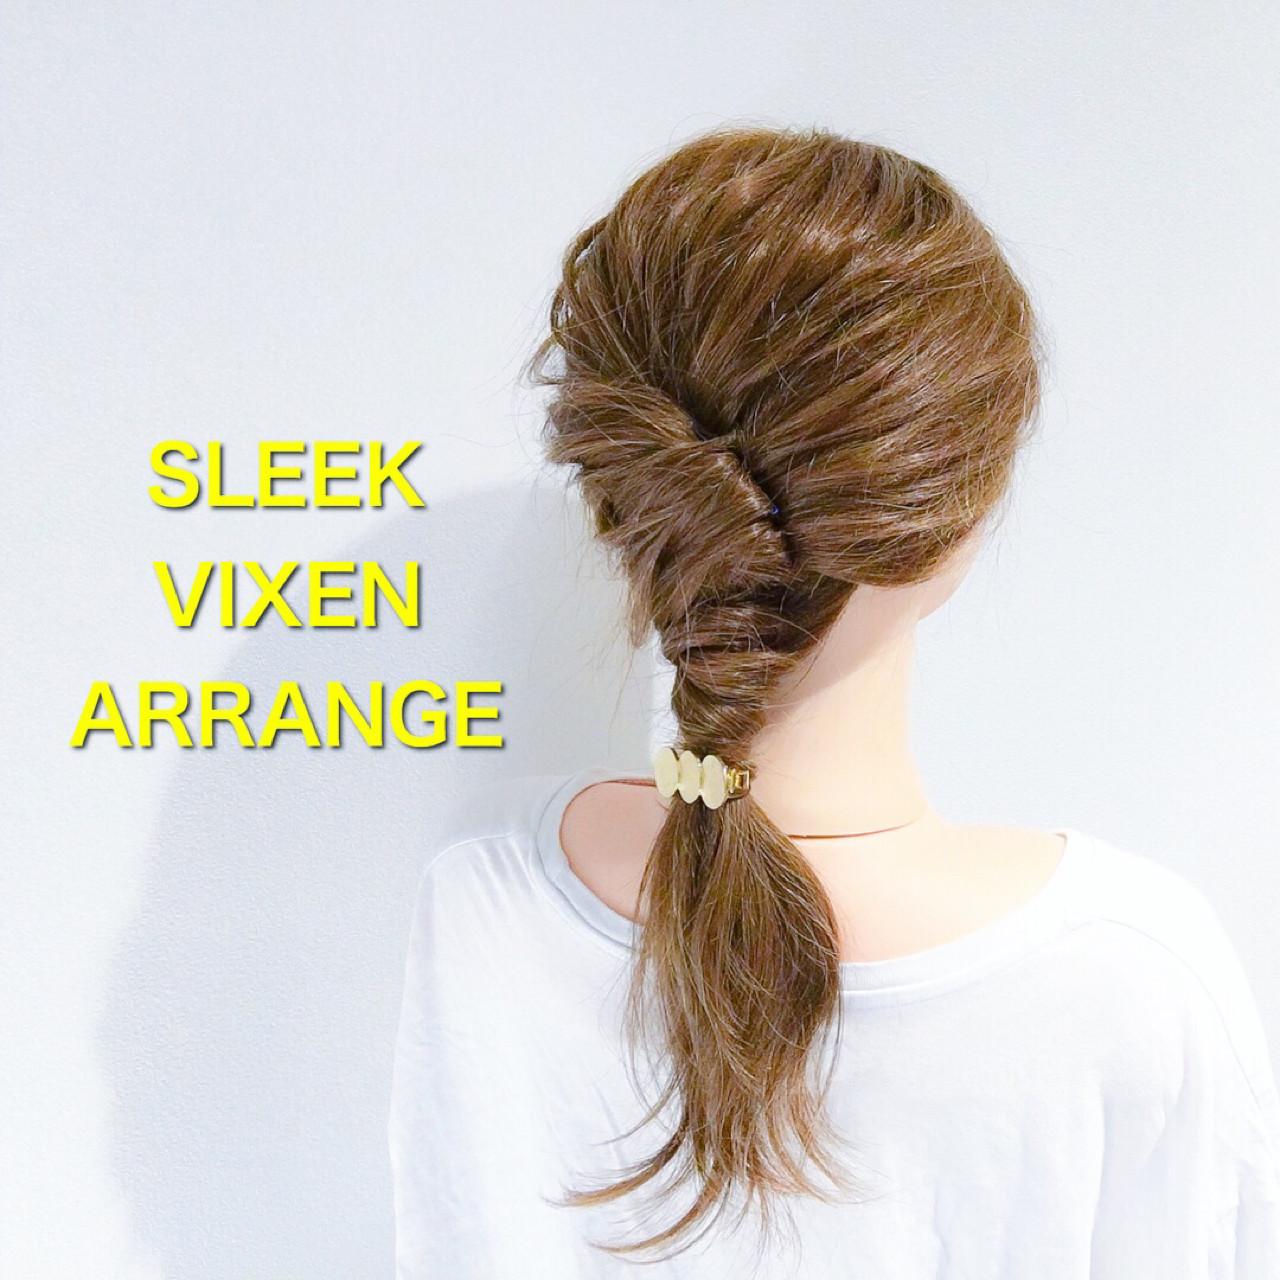 フェミニン ヘアアレンジ セミロング アウトドア ヘアスタイルや髪型の写真・画像 | 美容師HIRO/Amoute代表 / Amoute/アムティ